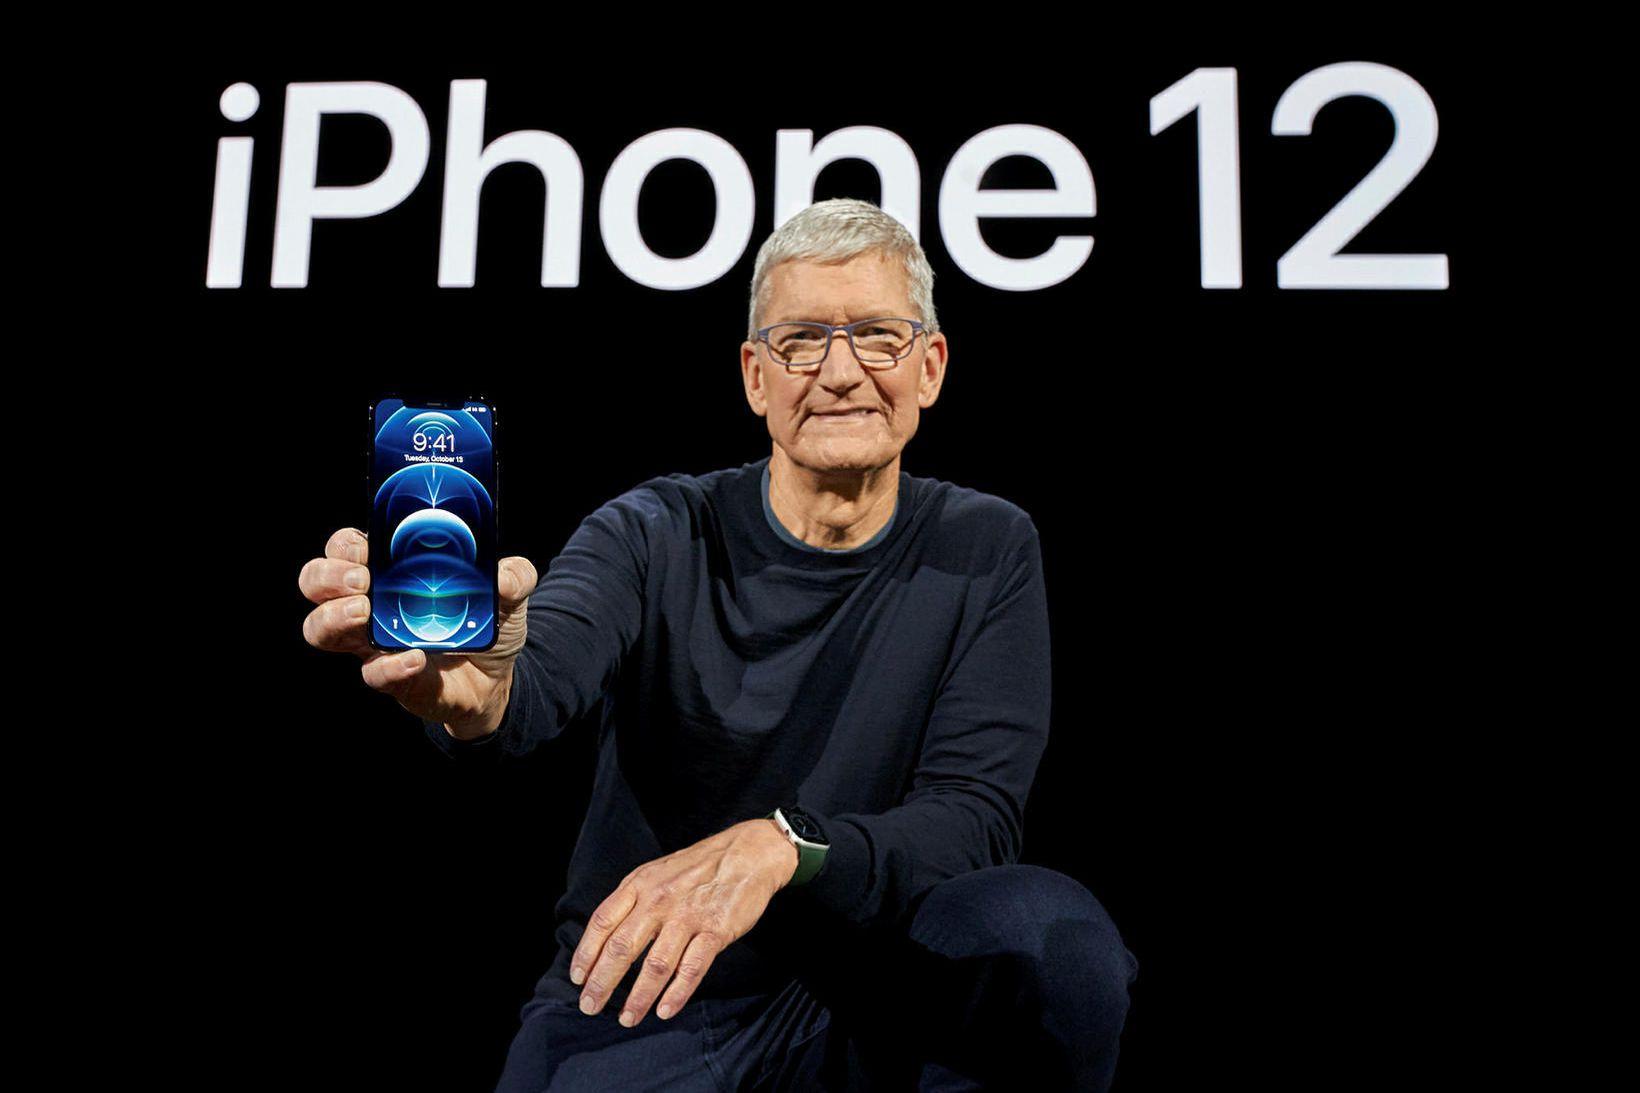 Tim Cook kynnir nýjustu afurð Apple. Hann stýrir því fyrirtæki …